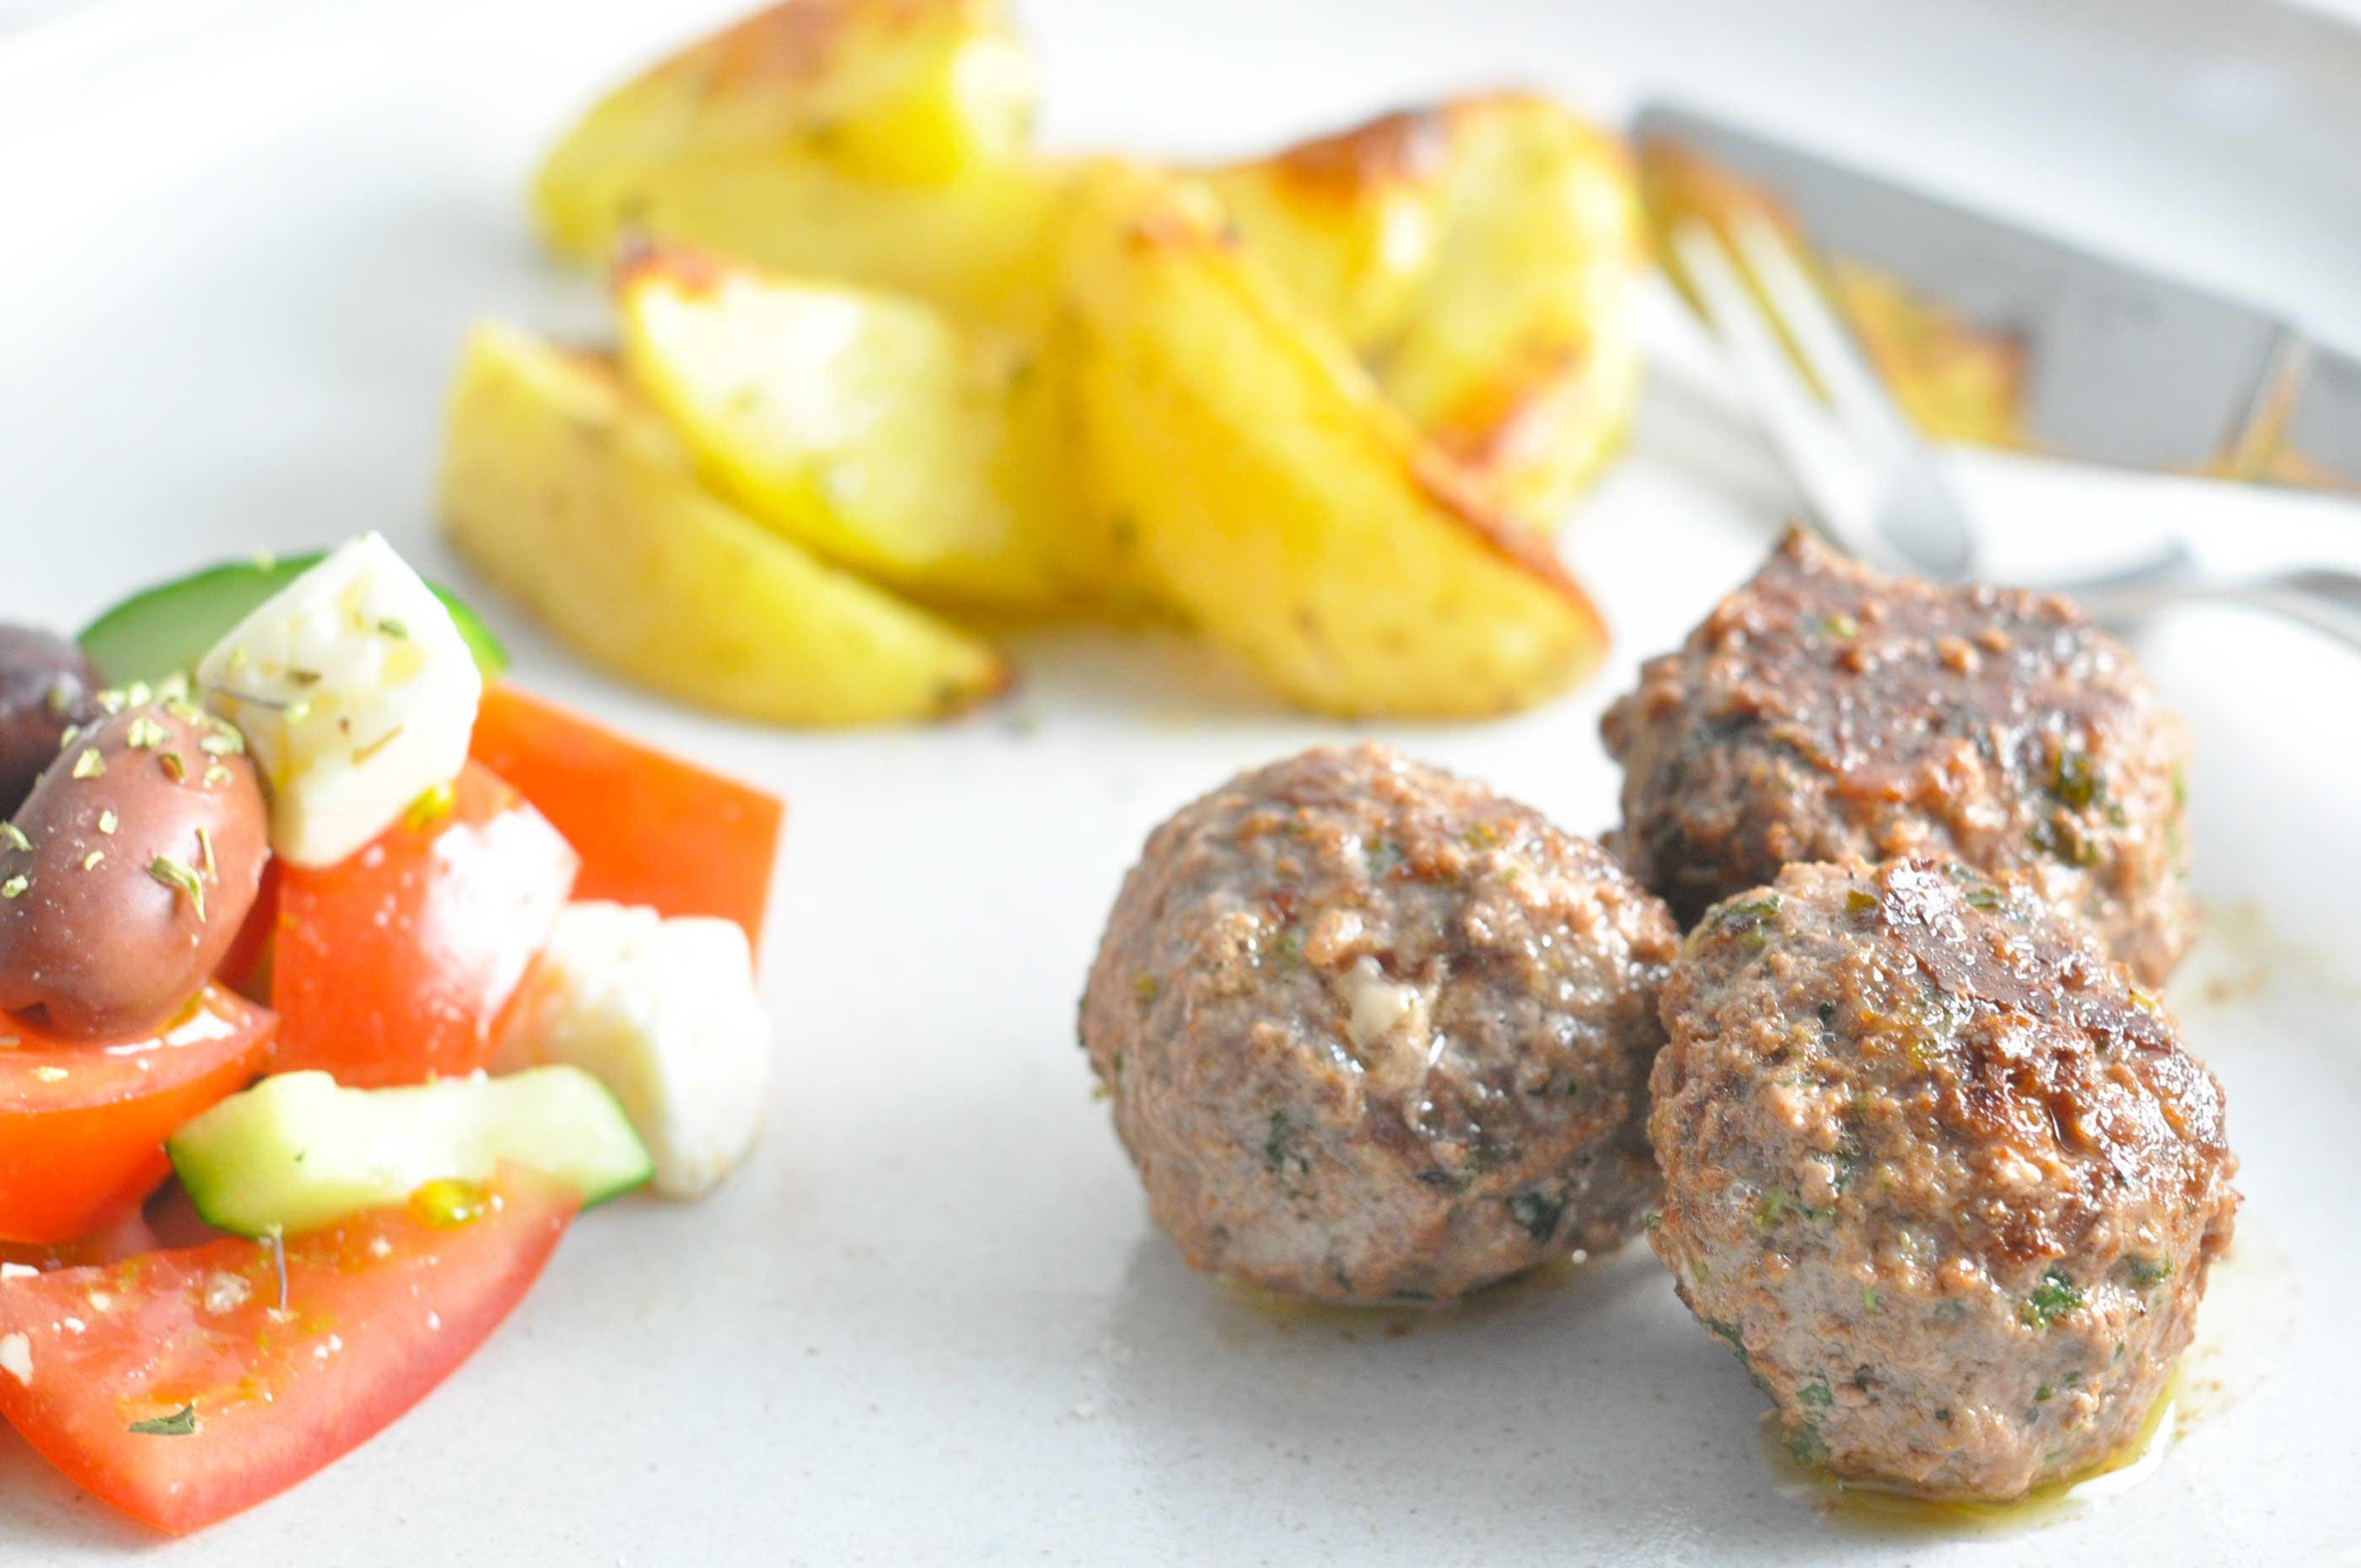 græsk salat med kartofler